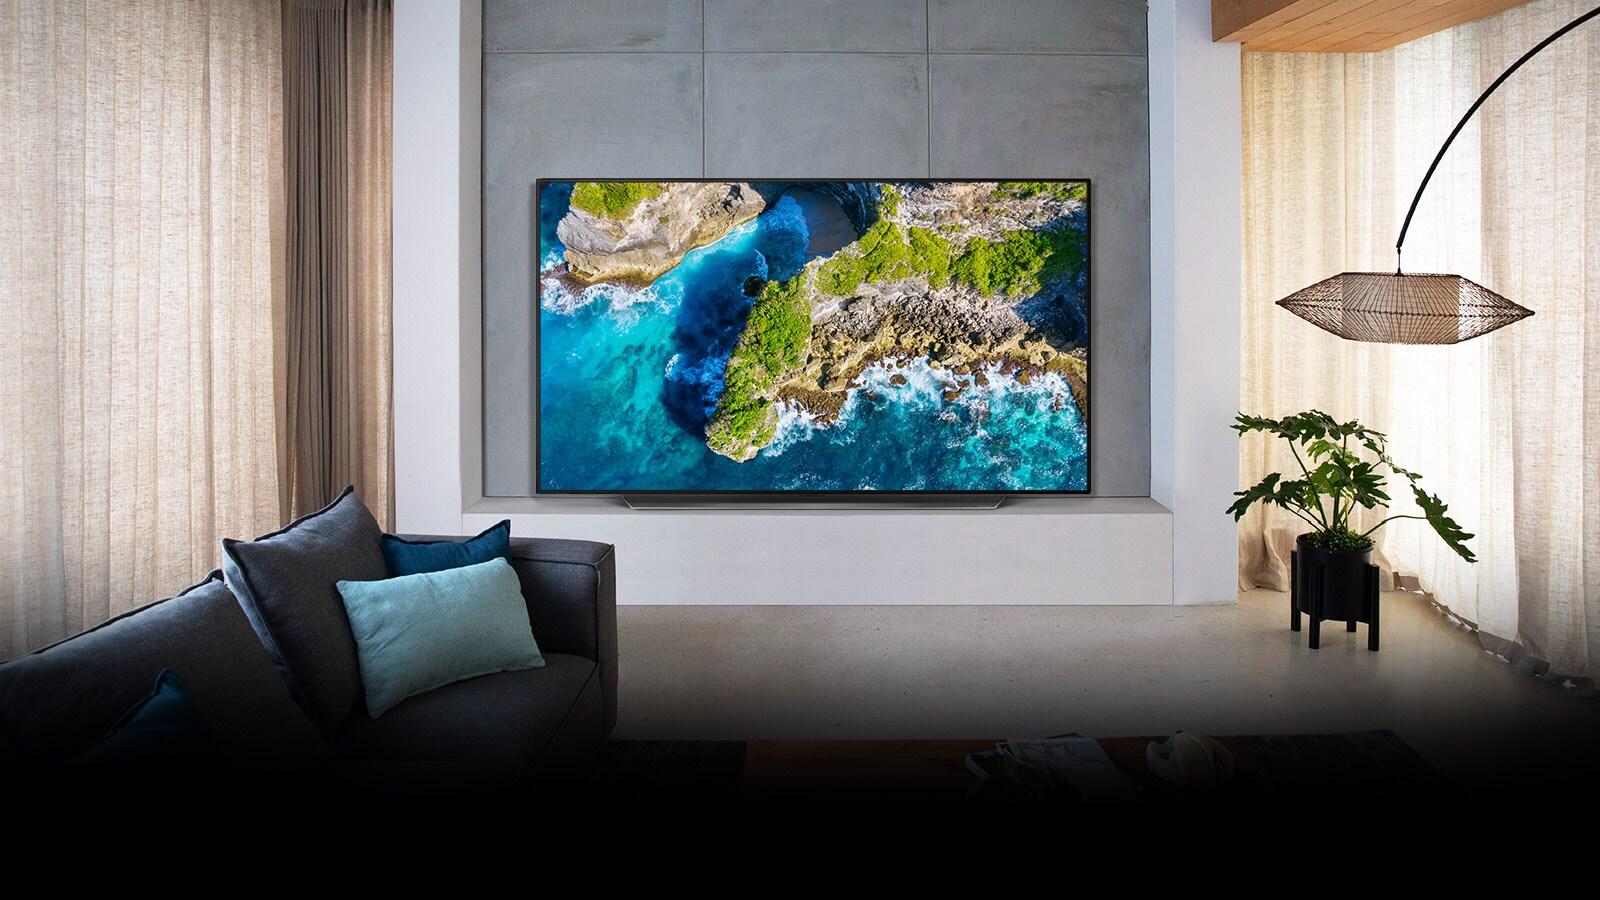 TV hiển thị hình ảnh thiên nhiên trên không trong khung cảnh ngôi nhà sang trọng